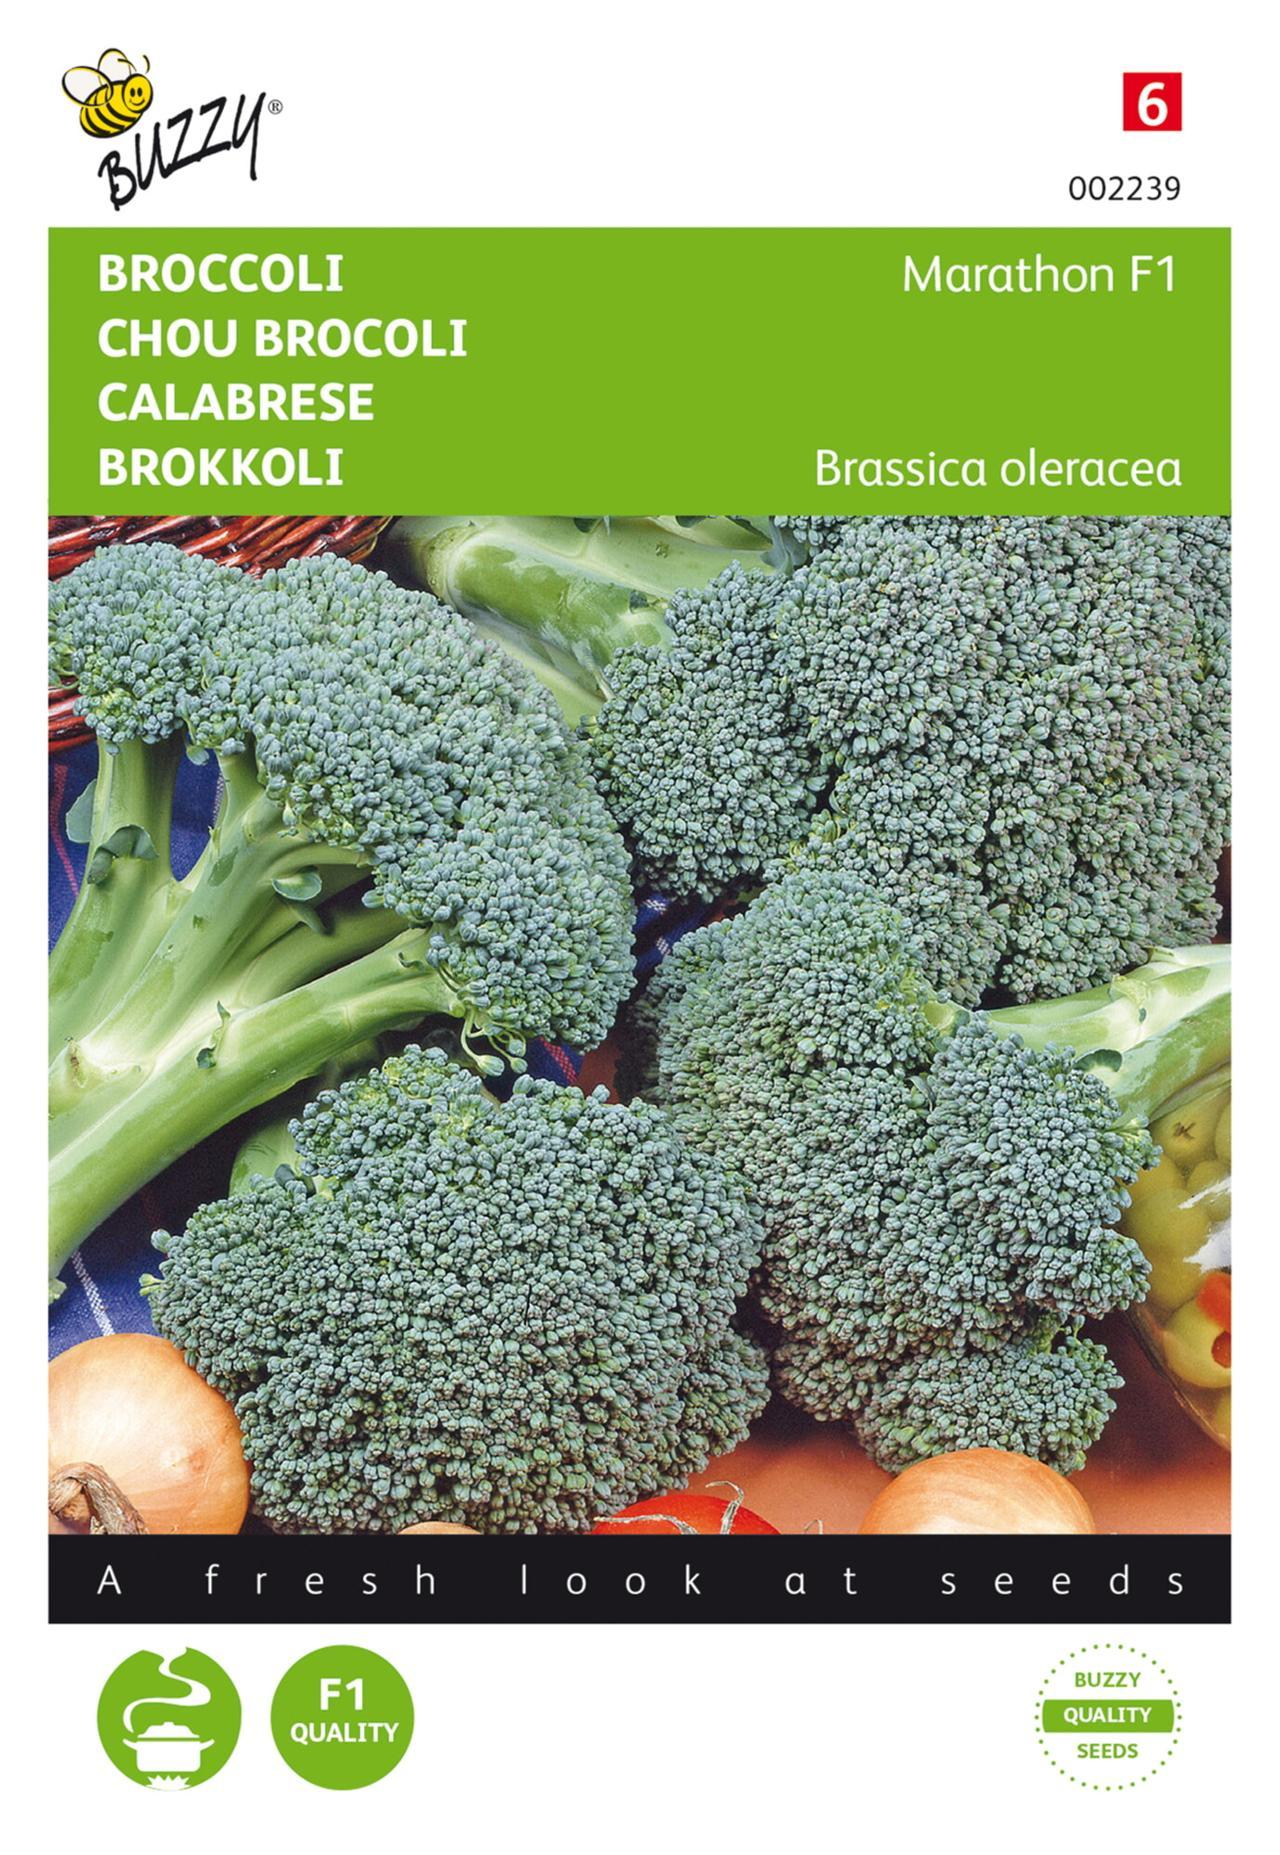 Brassica oleracea 'Marathon F1' plant